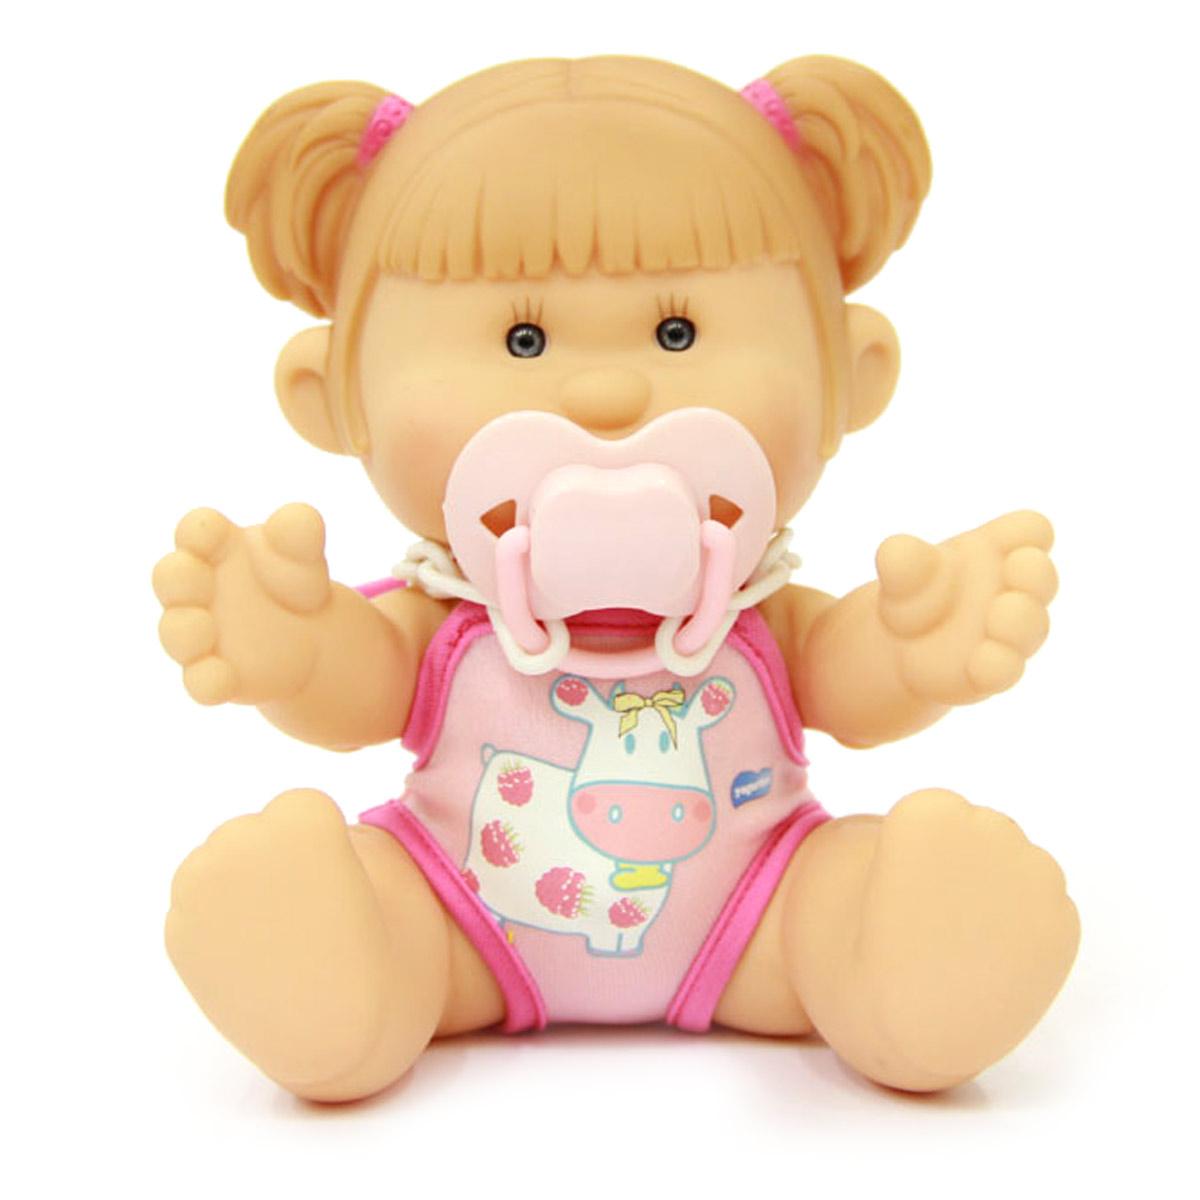 Yogurtinis Пупс Нина Малина15002-3Кукла-пупс Yogurtinis Нина Малина - порадует вашу малышку и доставит ей много удовольствия от часов, посвященных игре с ней. Пупс - симпатичная и ароматизированная игрушка, от которой исходит приятный и ненавязчивый аромат малины. На шее у Нины имеется соска на пластиковой цепочке, которую можно вставить в ротик пупсу. Кукла выполнена из резины, что позволяет брать ее с собой во время купания или же просто искупать отдельно. Части тела у пупсика подвижные, поэтому он может принимать разнообразные положения. Пупс упакован в пластиковую фирменную баночку. Каждая девочка сможет подобрать себе пупса Yogurtinis, ориентируясь на свои «фруктовые» предпочтения. Игра с куклой разовьет в вашей малышке чувство ответственности и заботы. Порадуйте свою принцессу таким великолепным подарком.